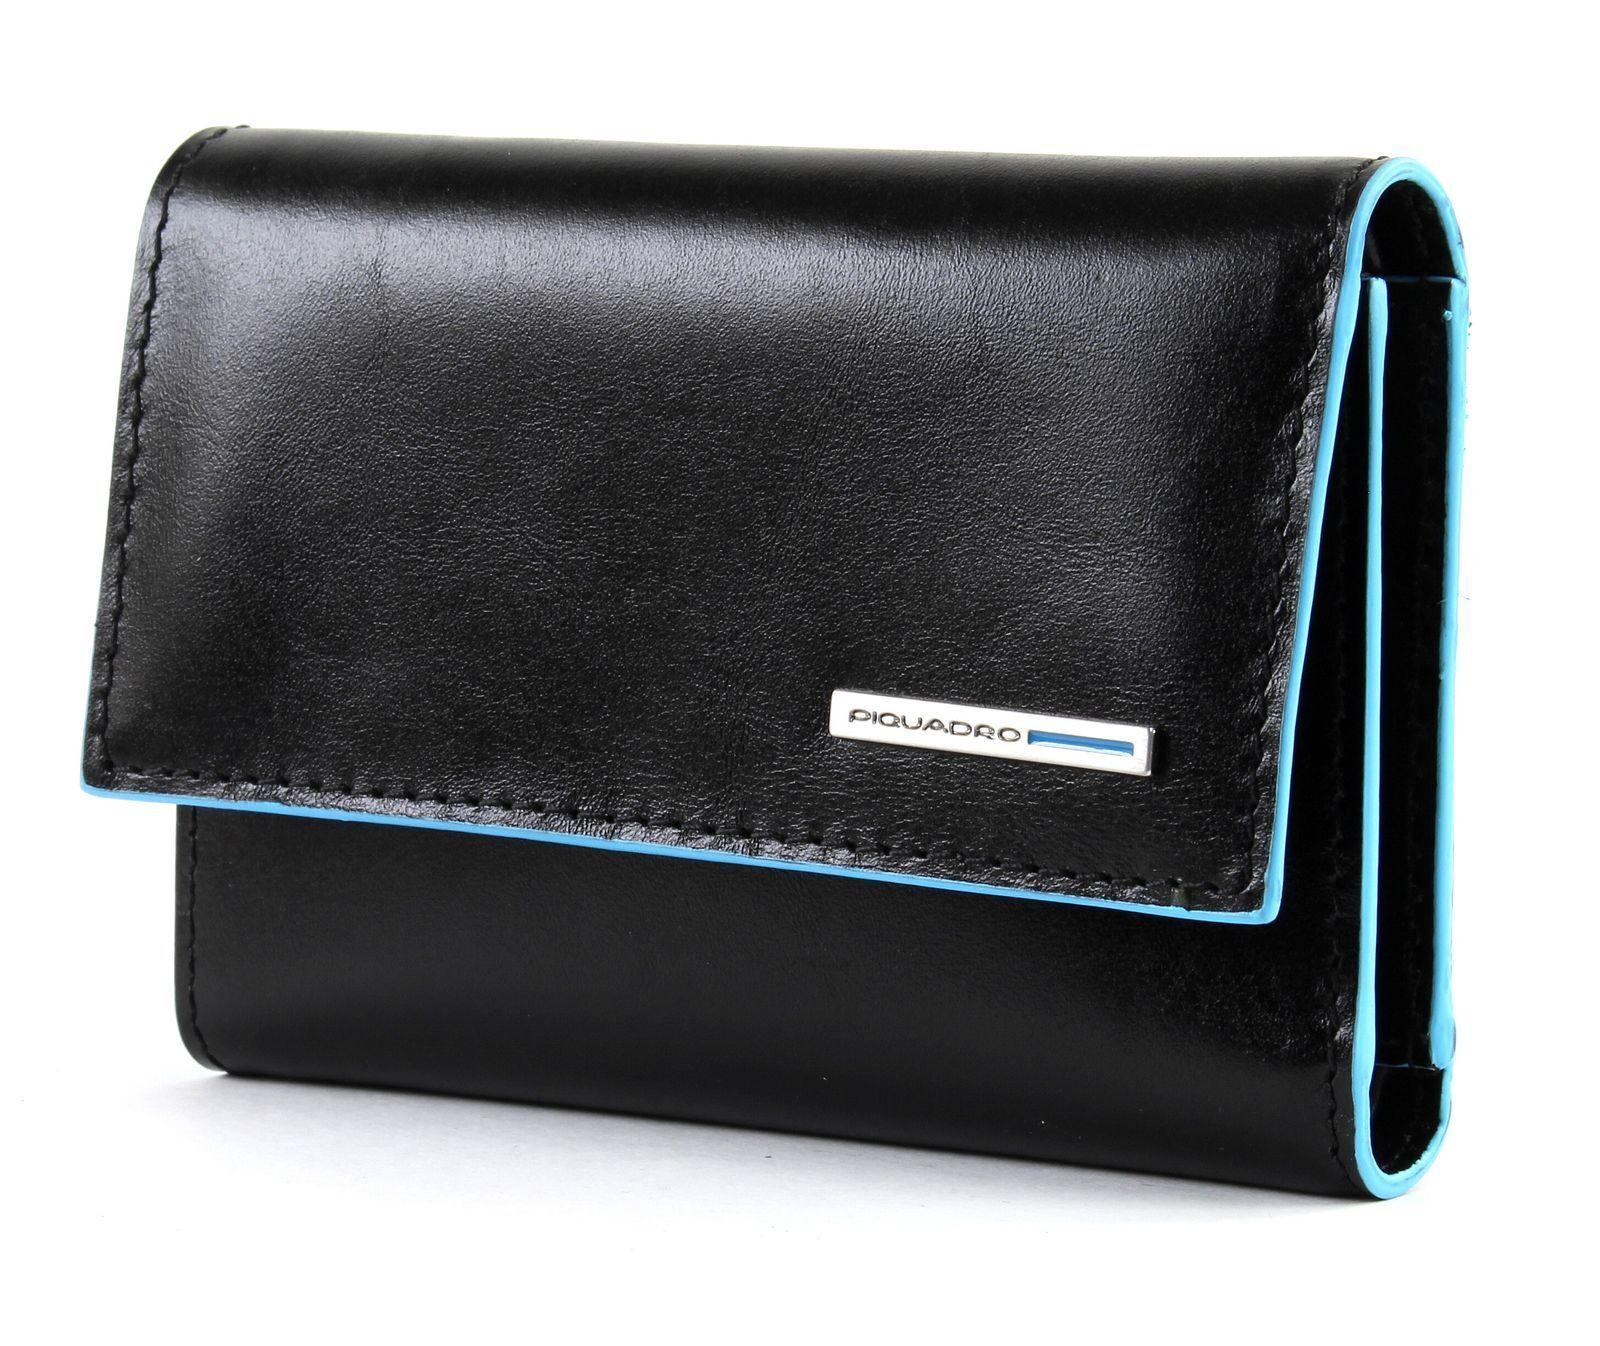 PIQUADRO Blau Square Wallet With With With Flap Geldbörse schwarz Schwarz Neu | Zu einem erschwinglichen Preis  84de8b